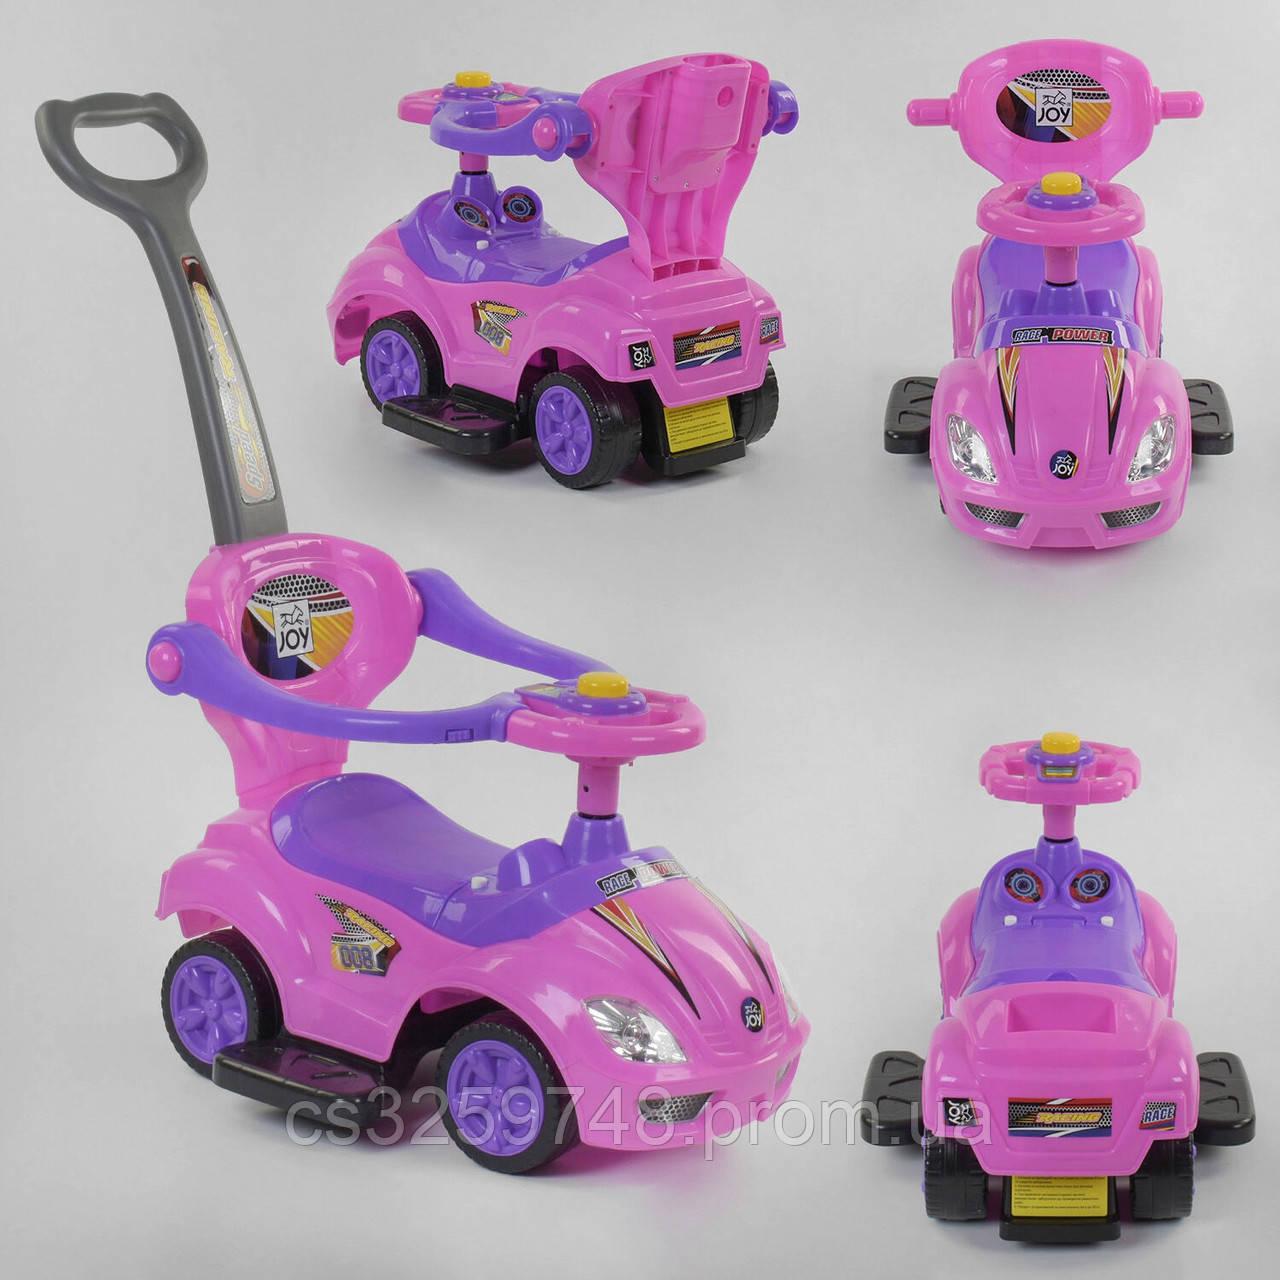 Детская каталка-толокар JOY 3545 -Р Розовый